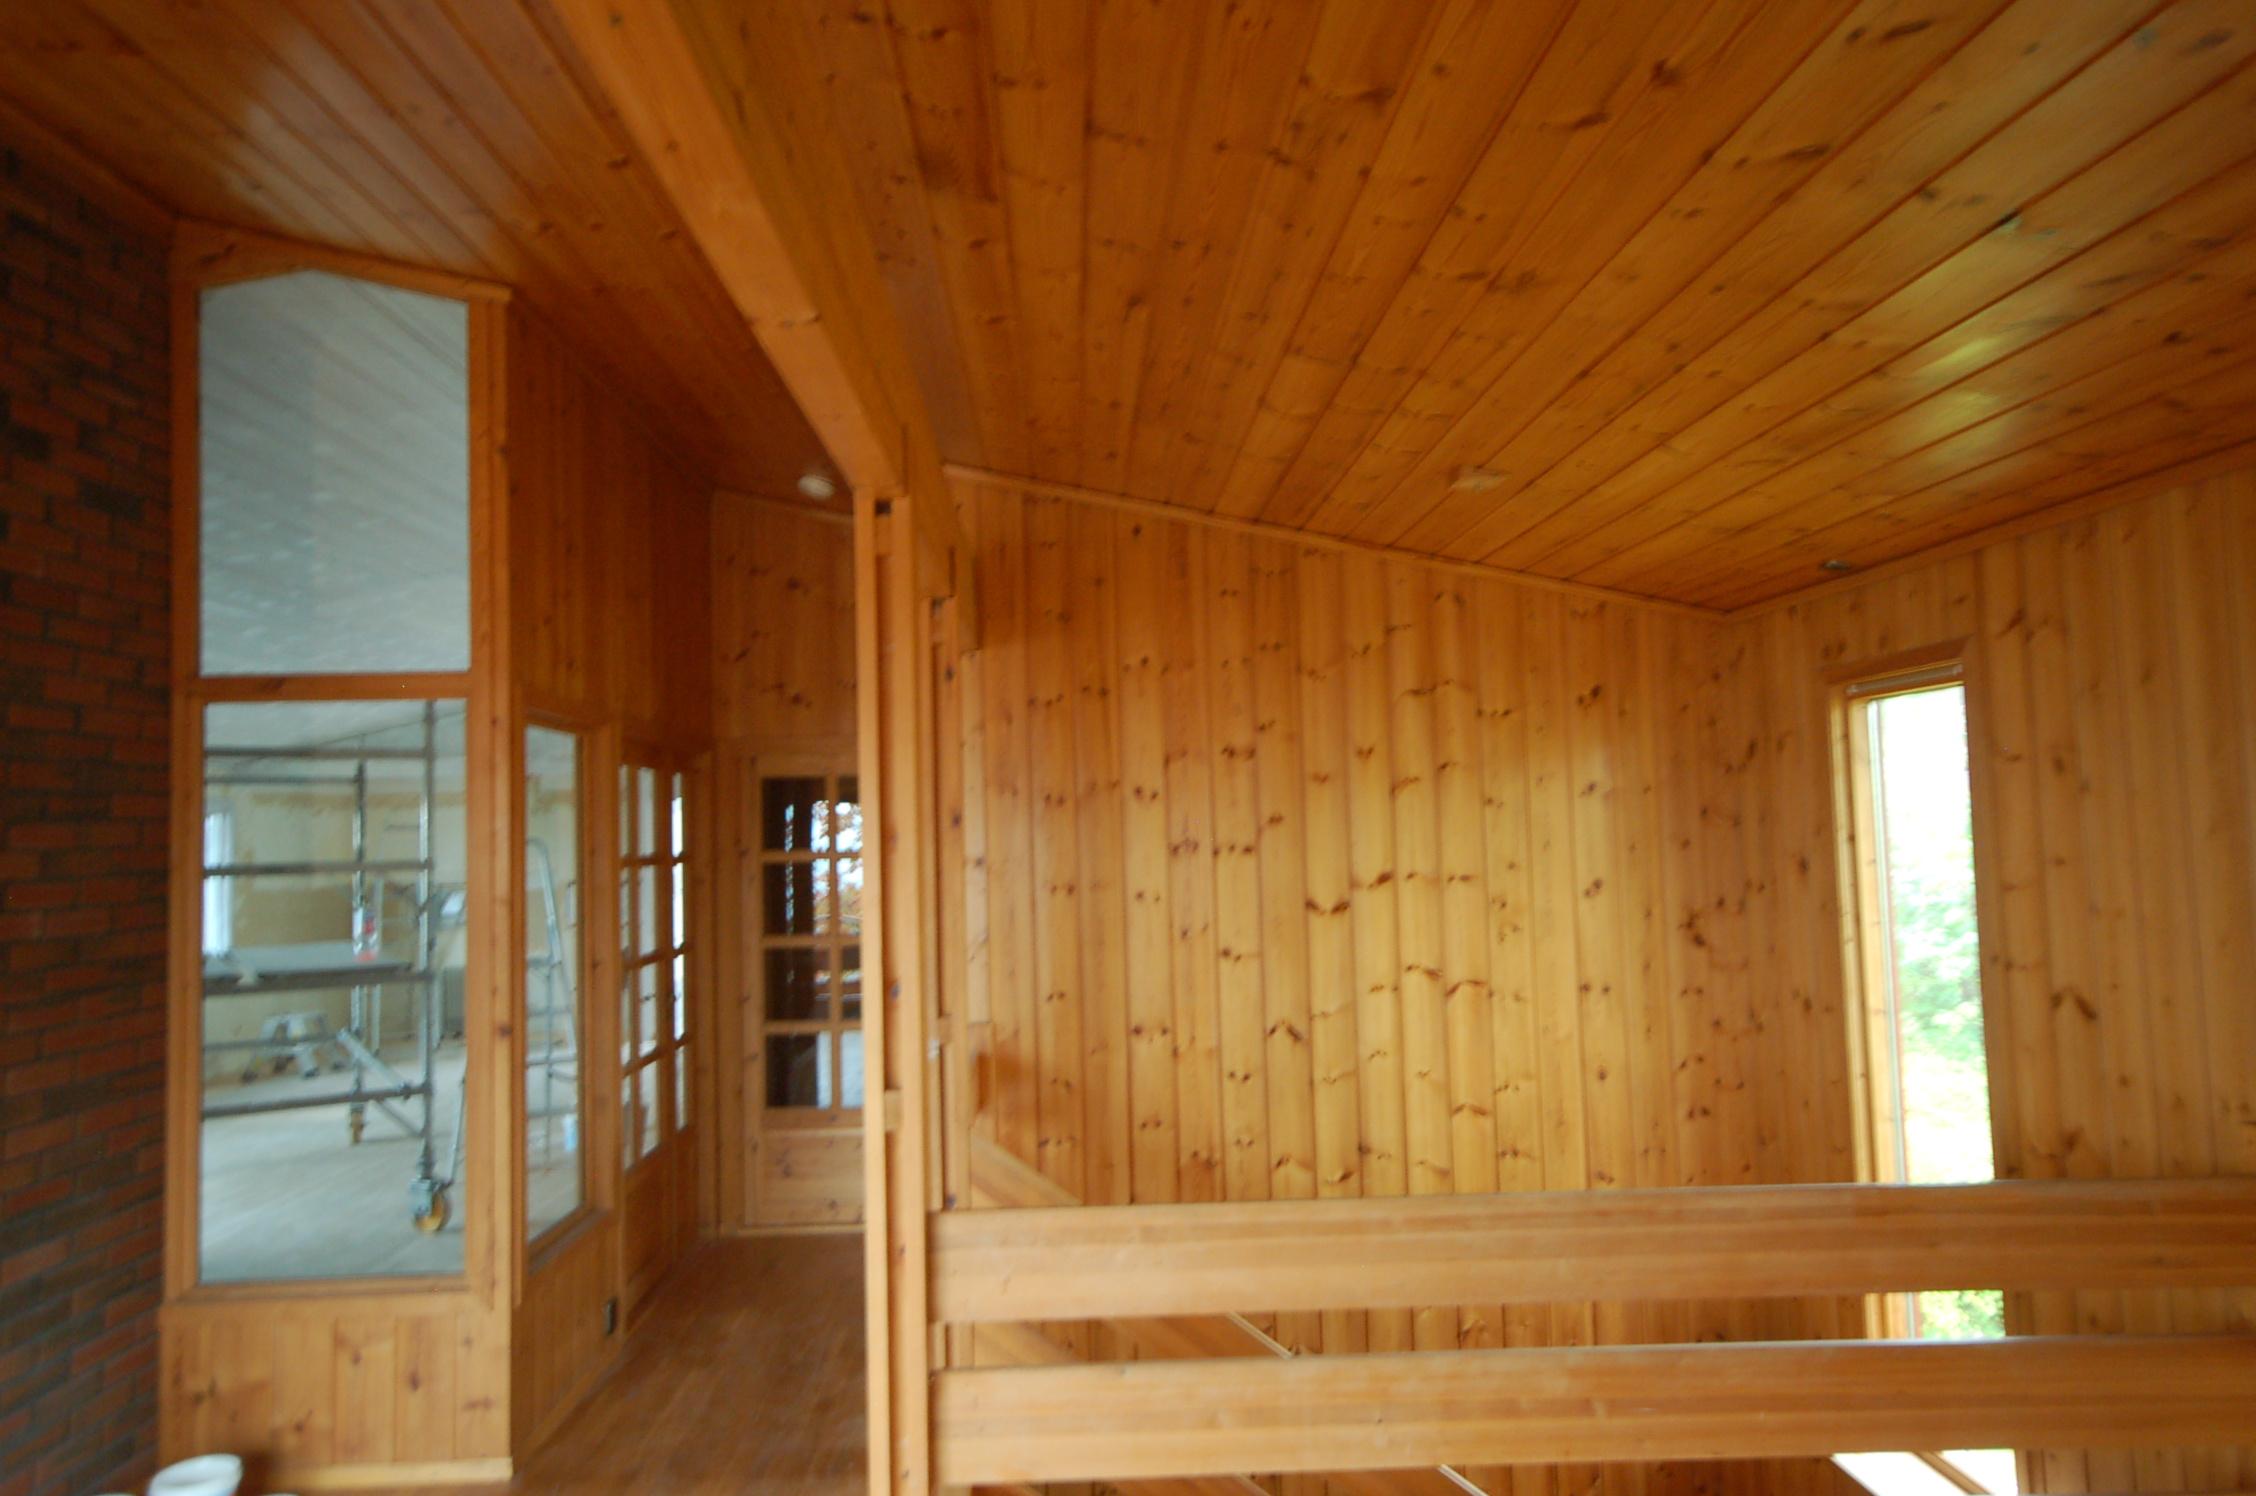 Oppussing stue 1 - Telemark MalermesterlaugTelemark Malermesterlaug